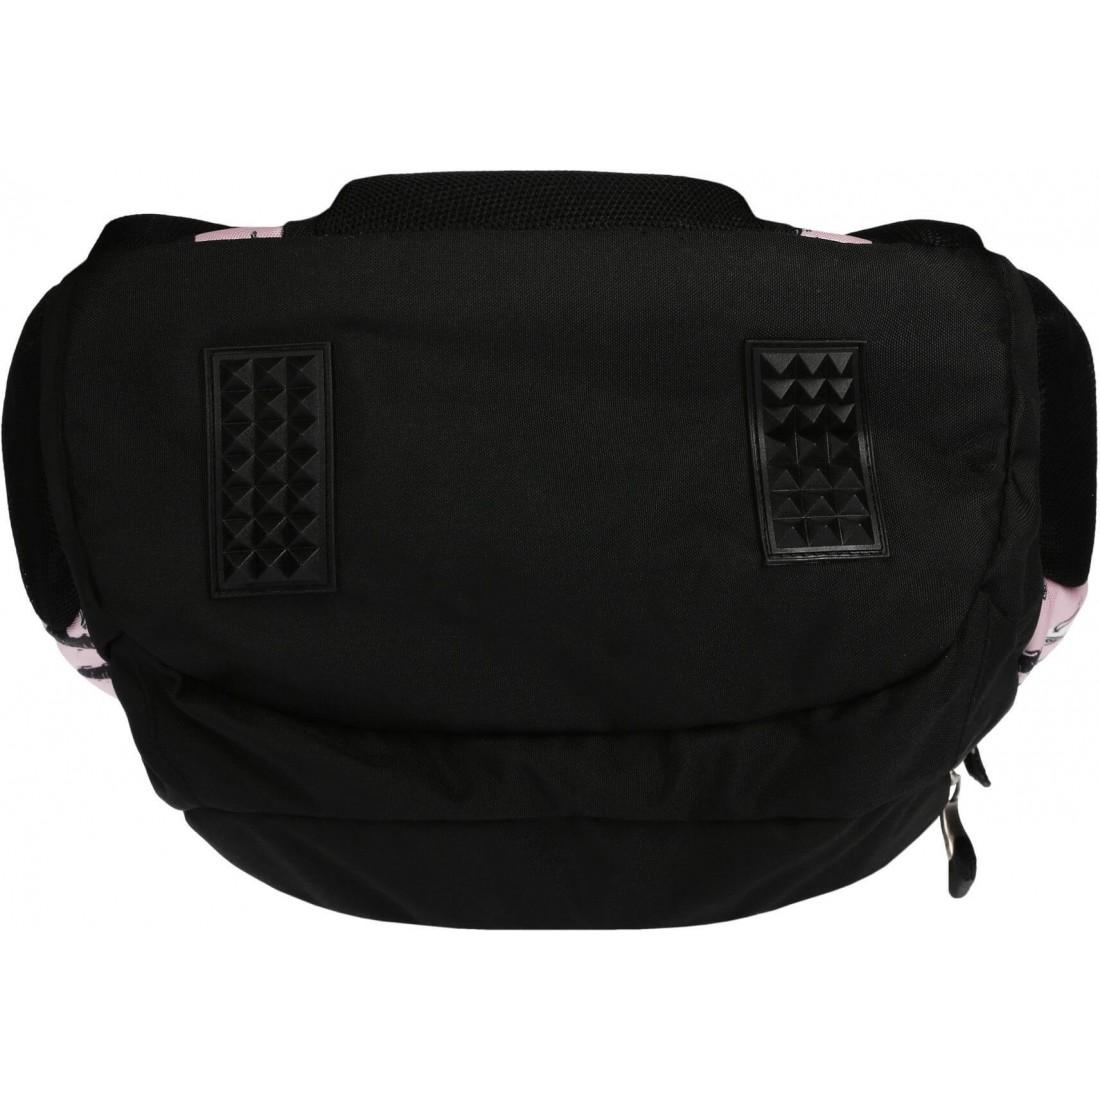 Plecak dla nastolatek różowy w pieski ST.RIGHT DOGS BP06 dziewczęcy St.Majewski - plecak-tornister.pl